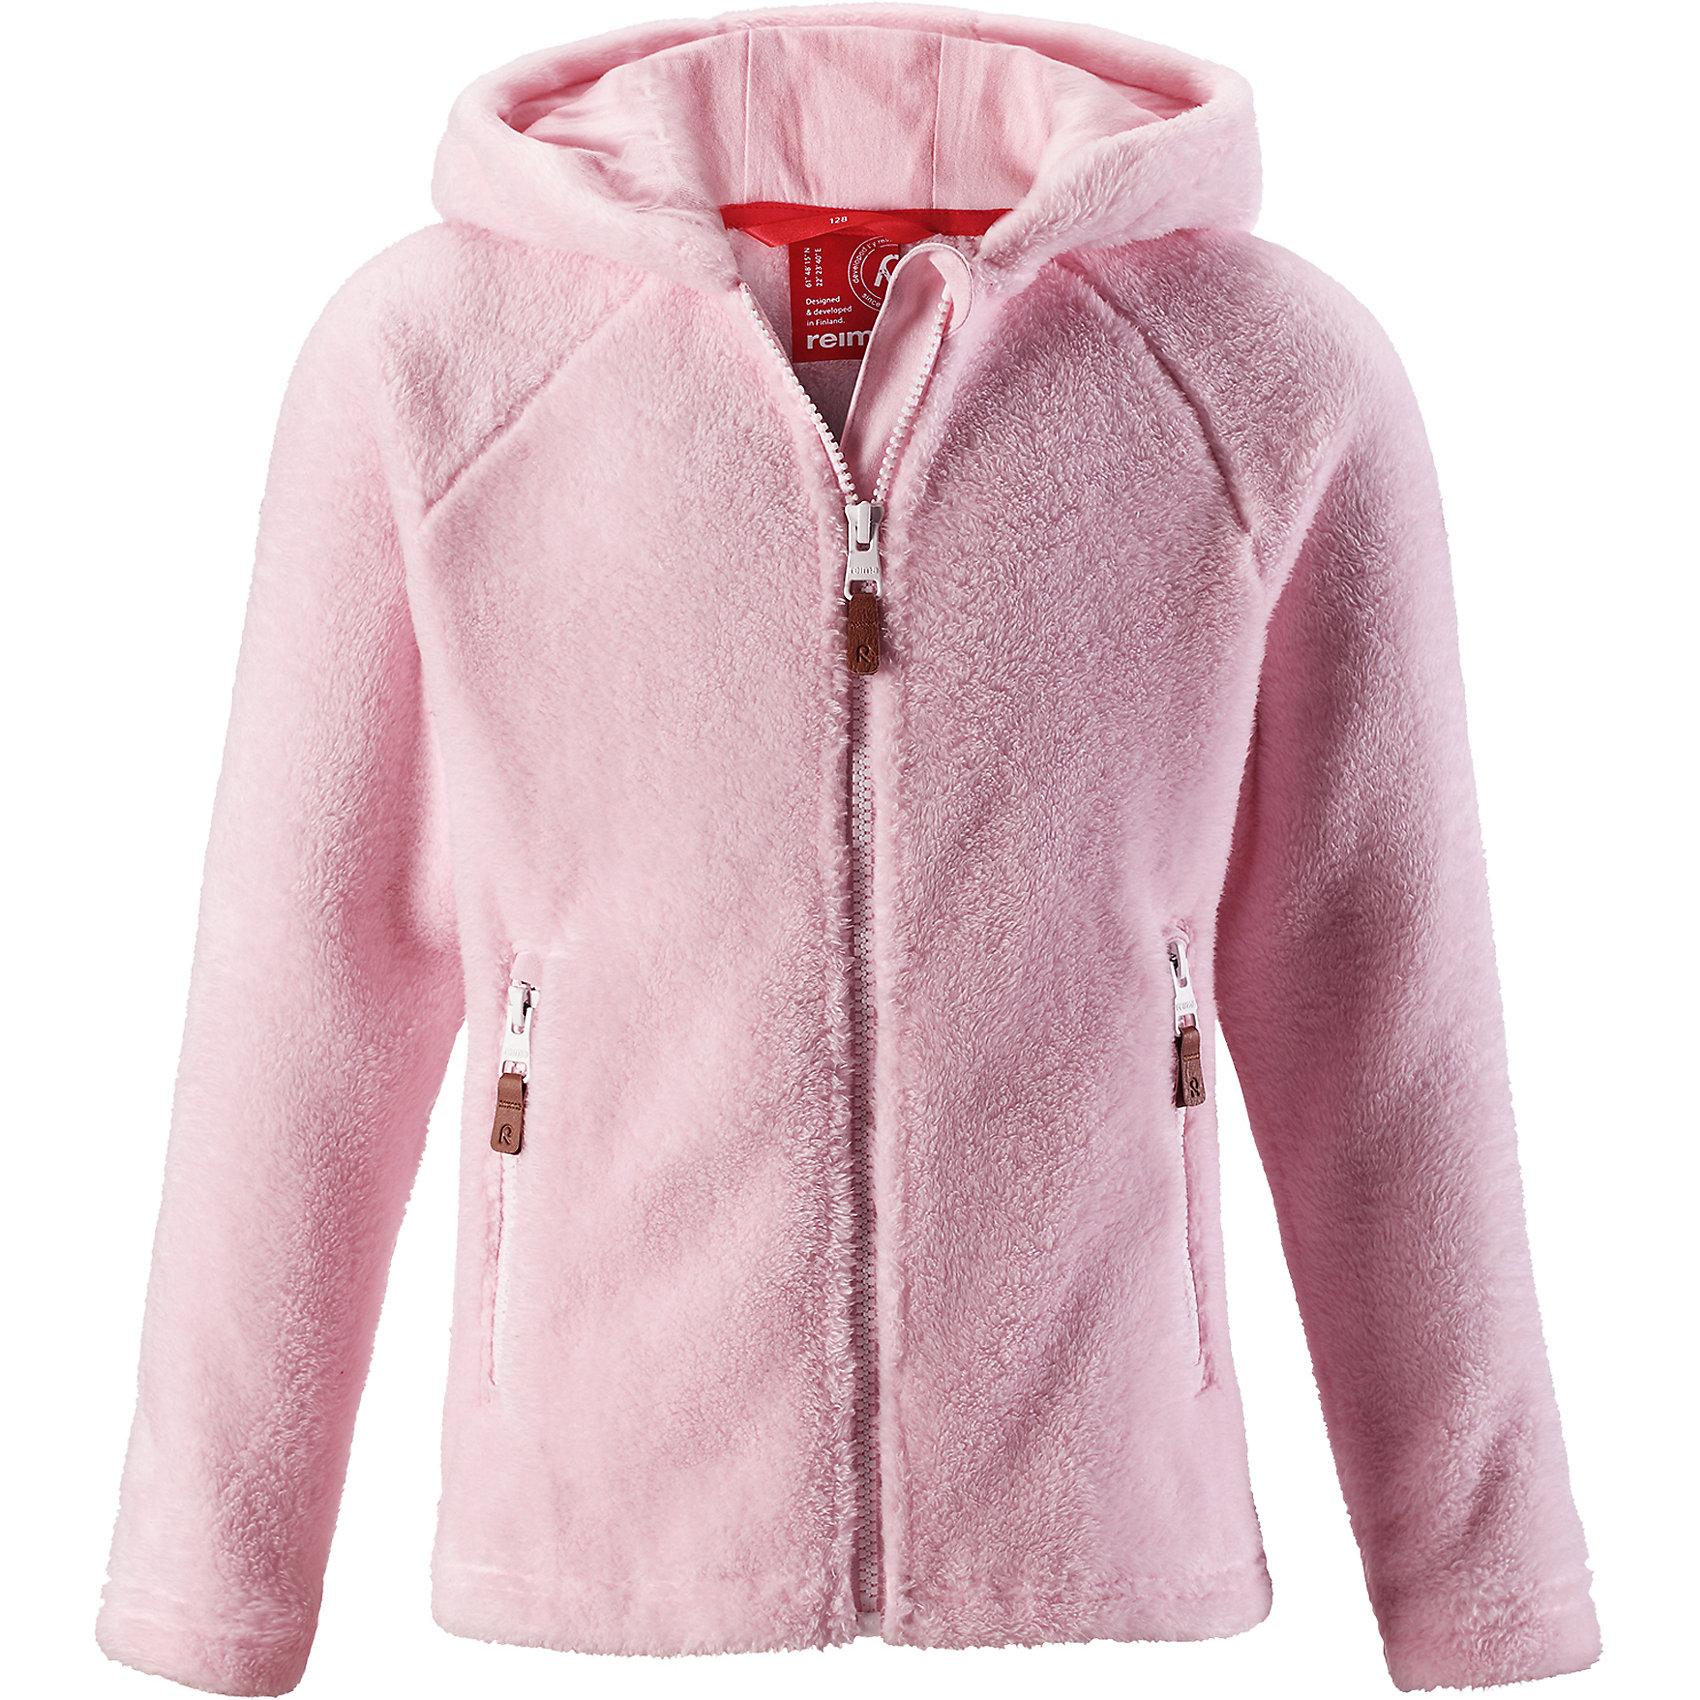 Флисовая кофта Reima Vilja для девочкиТолстовки<br>Характеристики товара:<br><br>• цвет: светло-розовый;<br>• состав: 100% полиэстер, флис; <br>• сезон: демисезон;<br>• выводит влагу в верхние слои одежды;<br>• мягкий и удобный пушистый флис;<br>• регулируемый капюшон;<br>• резинка на талии и манжетах;<br>• молния по всей длине с защитой подбородка;<br>• два кармана на молнии;<br>• страна бренда: Финляндия;<br>• страна изготовитель: Китай;<br><br>Эта кофта для детей и подростков сшита из необыкновенно мягкого и пушистого флиса. Для пошива использован дышащий, эластичный и быстросохнущий материал с влагоотводящими свойствами. Облегающий капюшон и молния во всю длину со вставкой для защиты подбородка. Все ценные сокровища будут надежно спрятаны в двух карманах на молнии. Невероятно удобная и универсальная кофта, которую можно носить круглый год. <br><br>Флисовую кофту Reima Vilja для девочки (Рейма) можно купить в нашем интернет-магазине.<br><br>Ширина мм: 190<br>Глубина мм: 74<br>Высота мм: 229<br>Вес г: 236<br>Цвет: розовый<br>Возраст от месяцев: 156<br>Возраст до месяцев: 168<br>Пол: Женский<br>Возраст: Детский<br>Размер: 164,104,110,116,122,128,134,140,146,152,158<br>SKU: 6904666